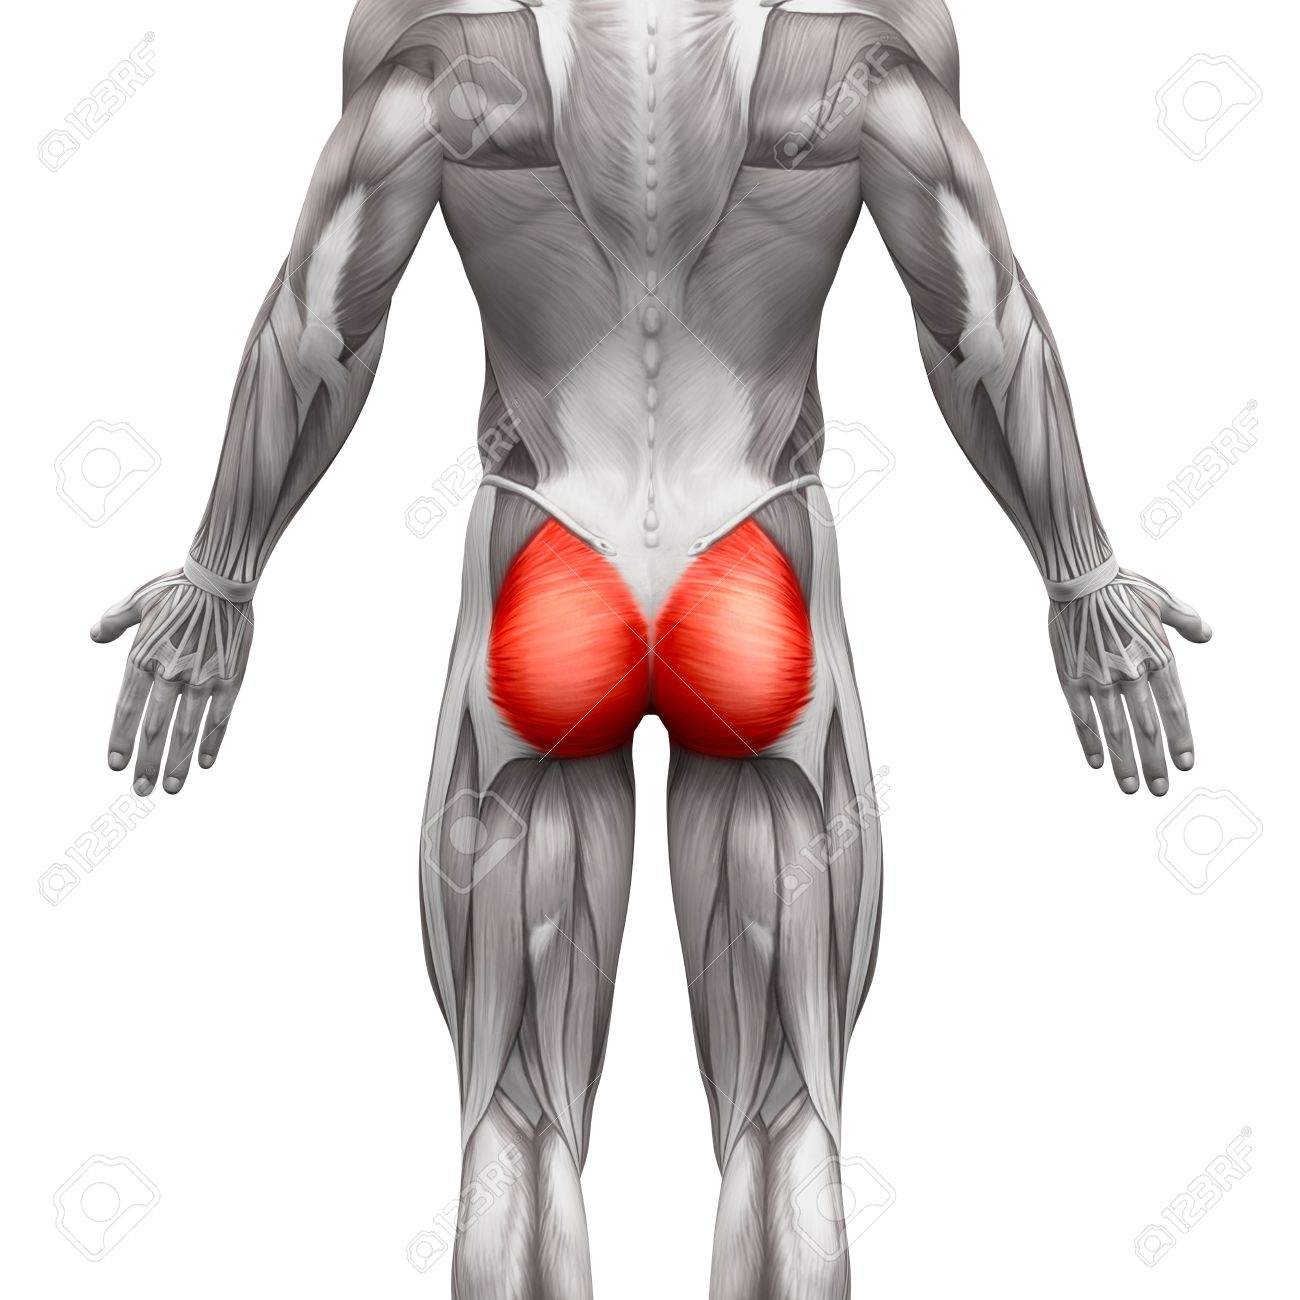 Los Músculos De Los Glúteos / Glúteo Mayor - Músculos Anatomía ...